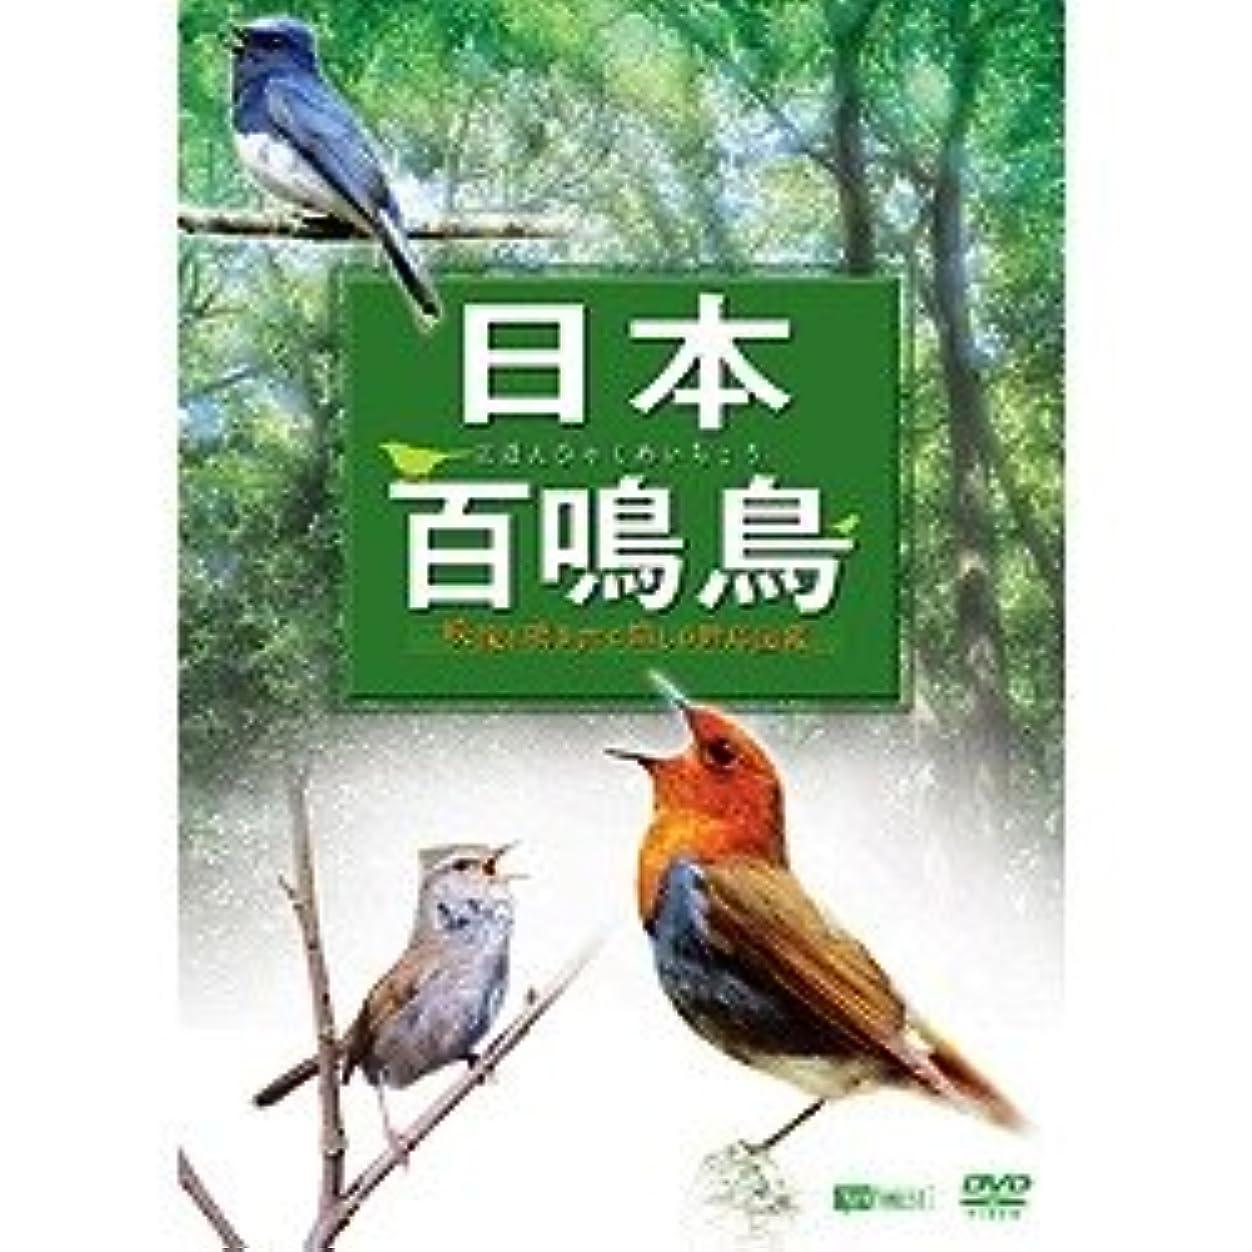 リサイクルする水差し見えないシンフォレスト 日本百鳴鳥 映像と鳴き声で愉しむ野鳥図鑑 SDA84